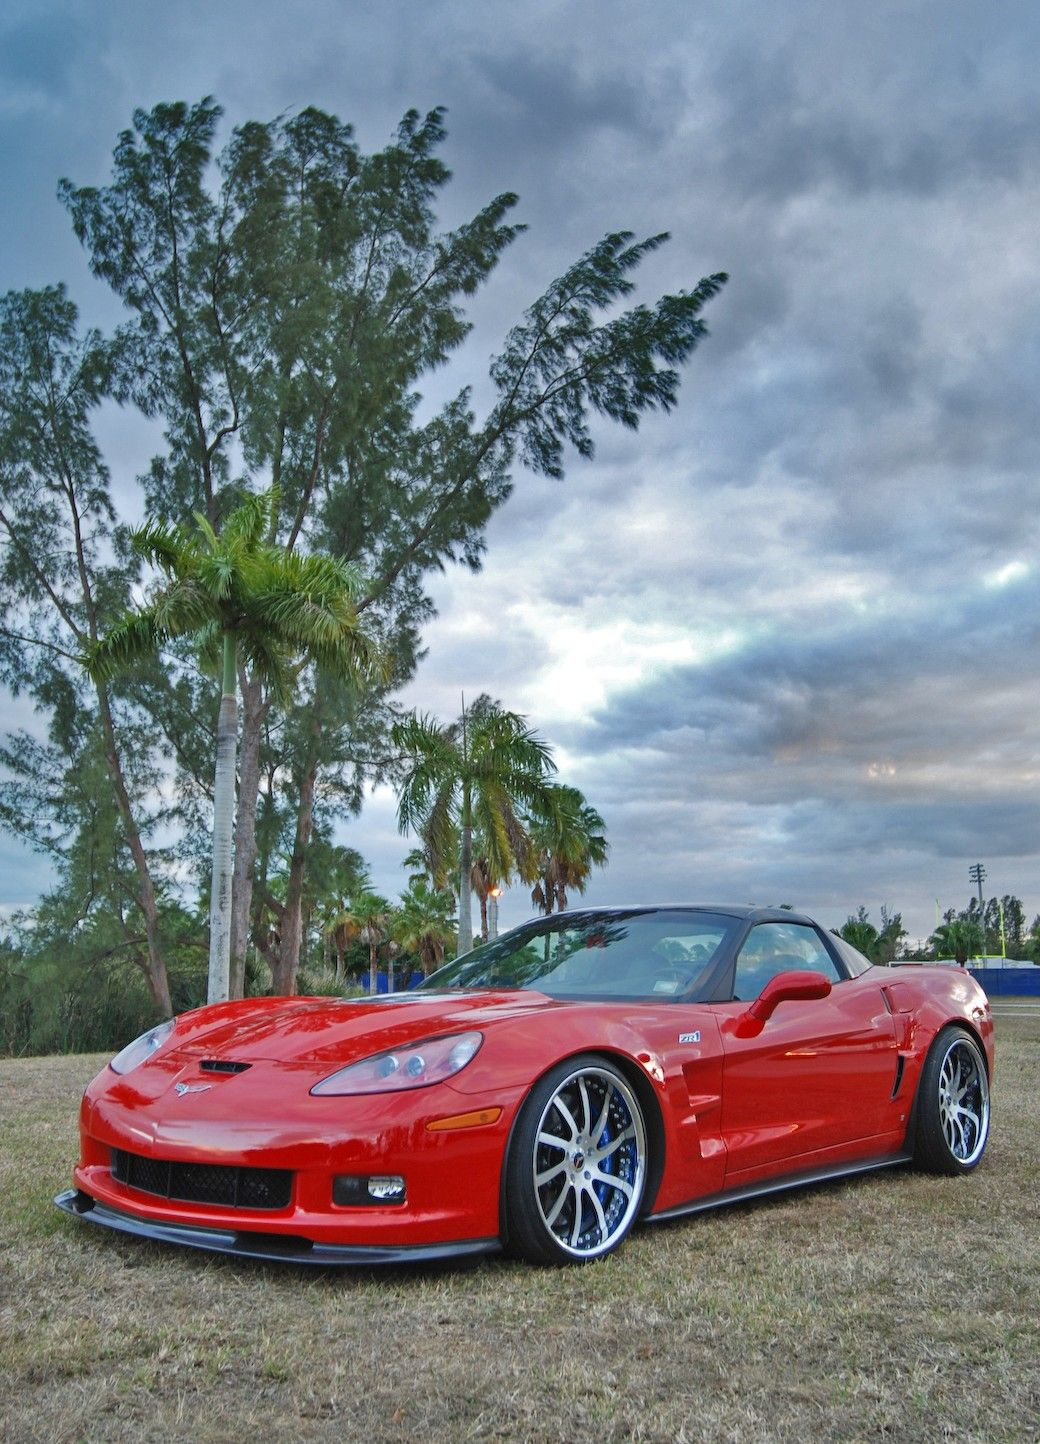 Chevrolet Corvette Advance Auto Parts 855 639 8454 20 Discount